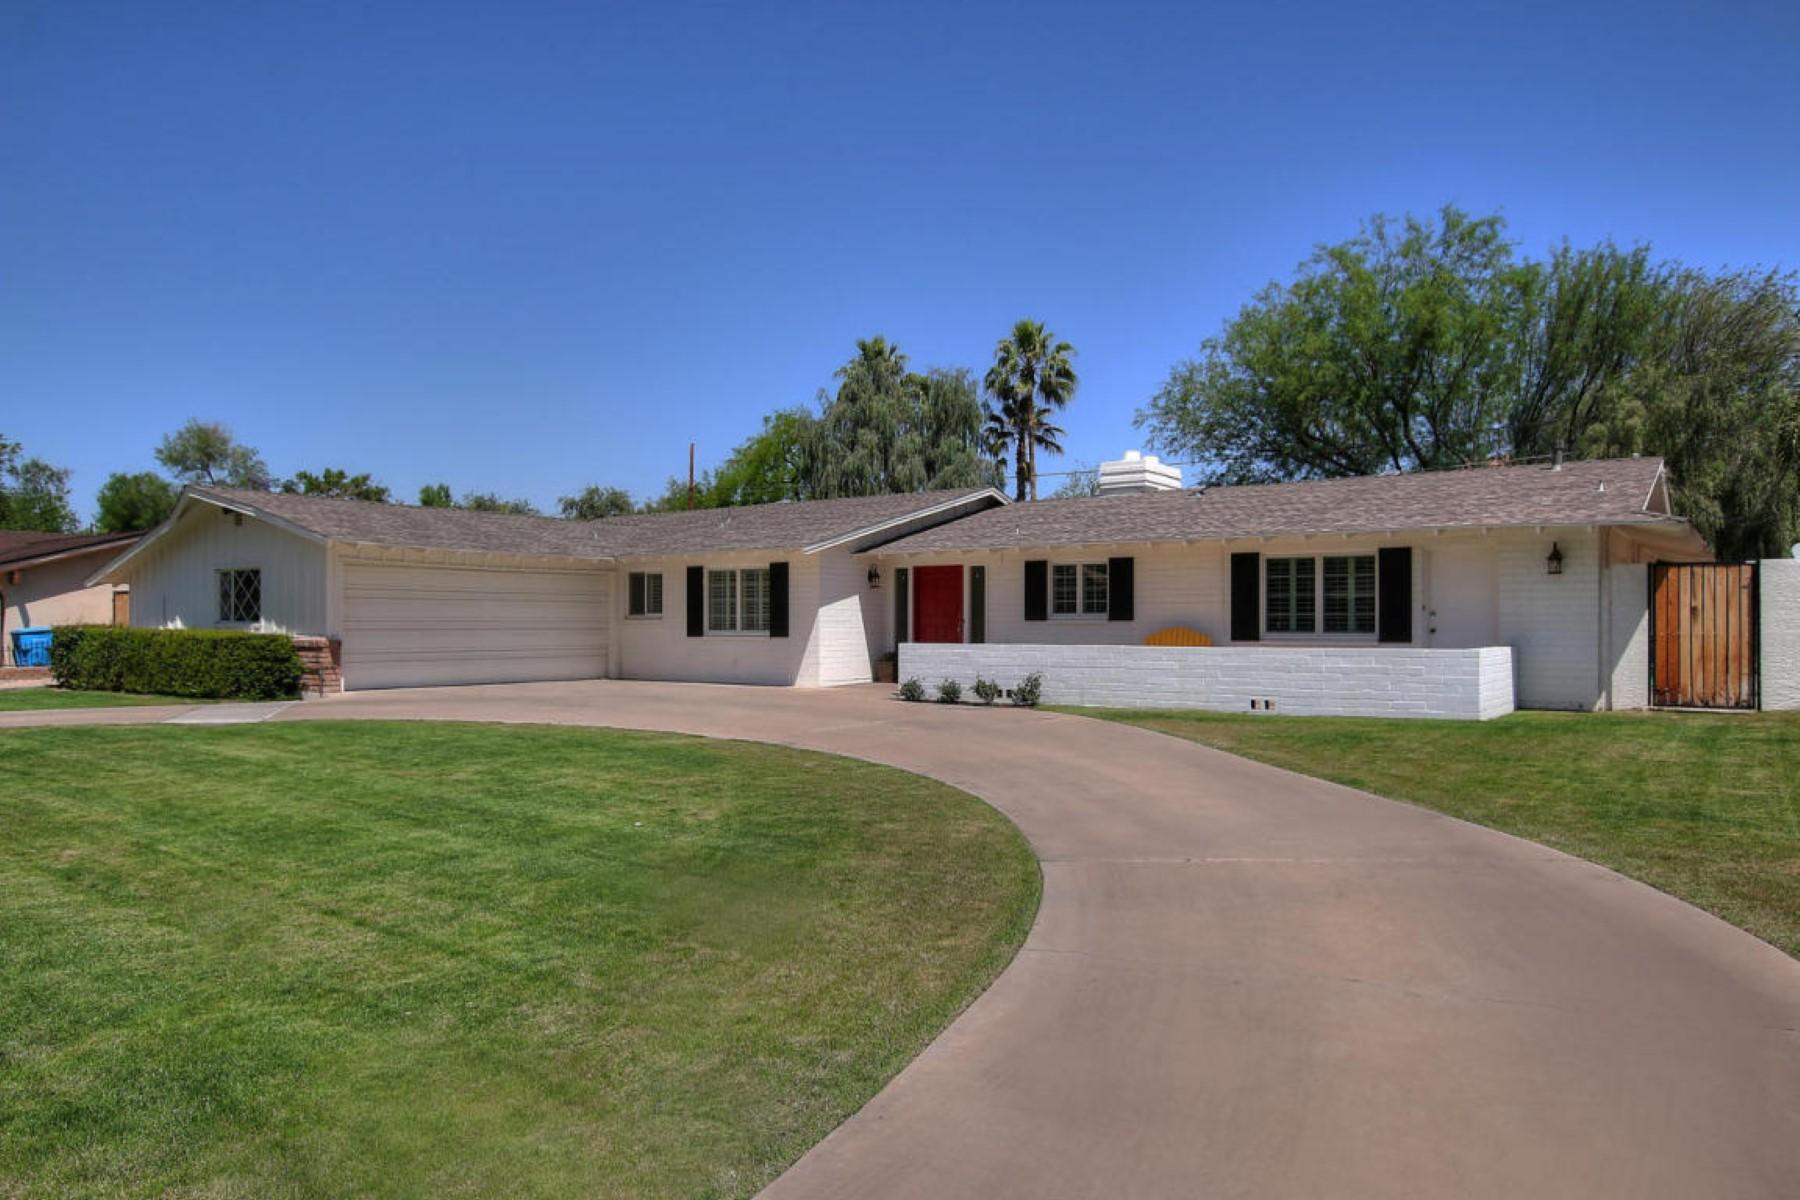 一戸建て のために 売買 アット Gorgeous North Central Traditional in the best location 16 E Kaler Dr Phoenix, アリゾナ, 85020 アメリカ合衆国